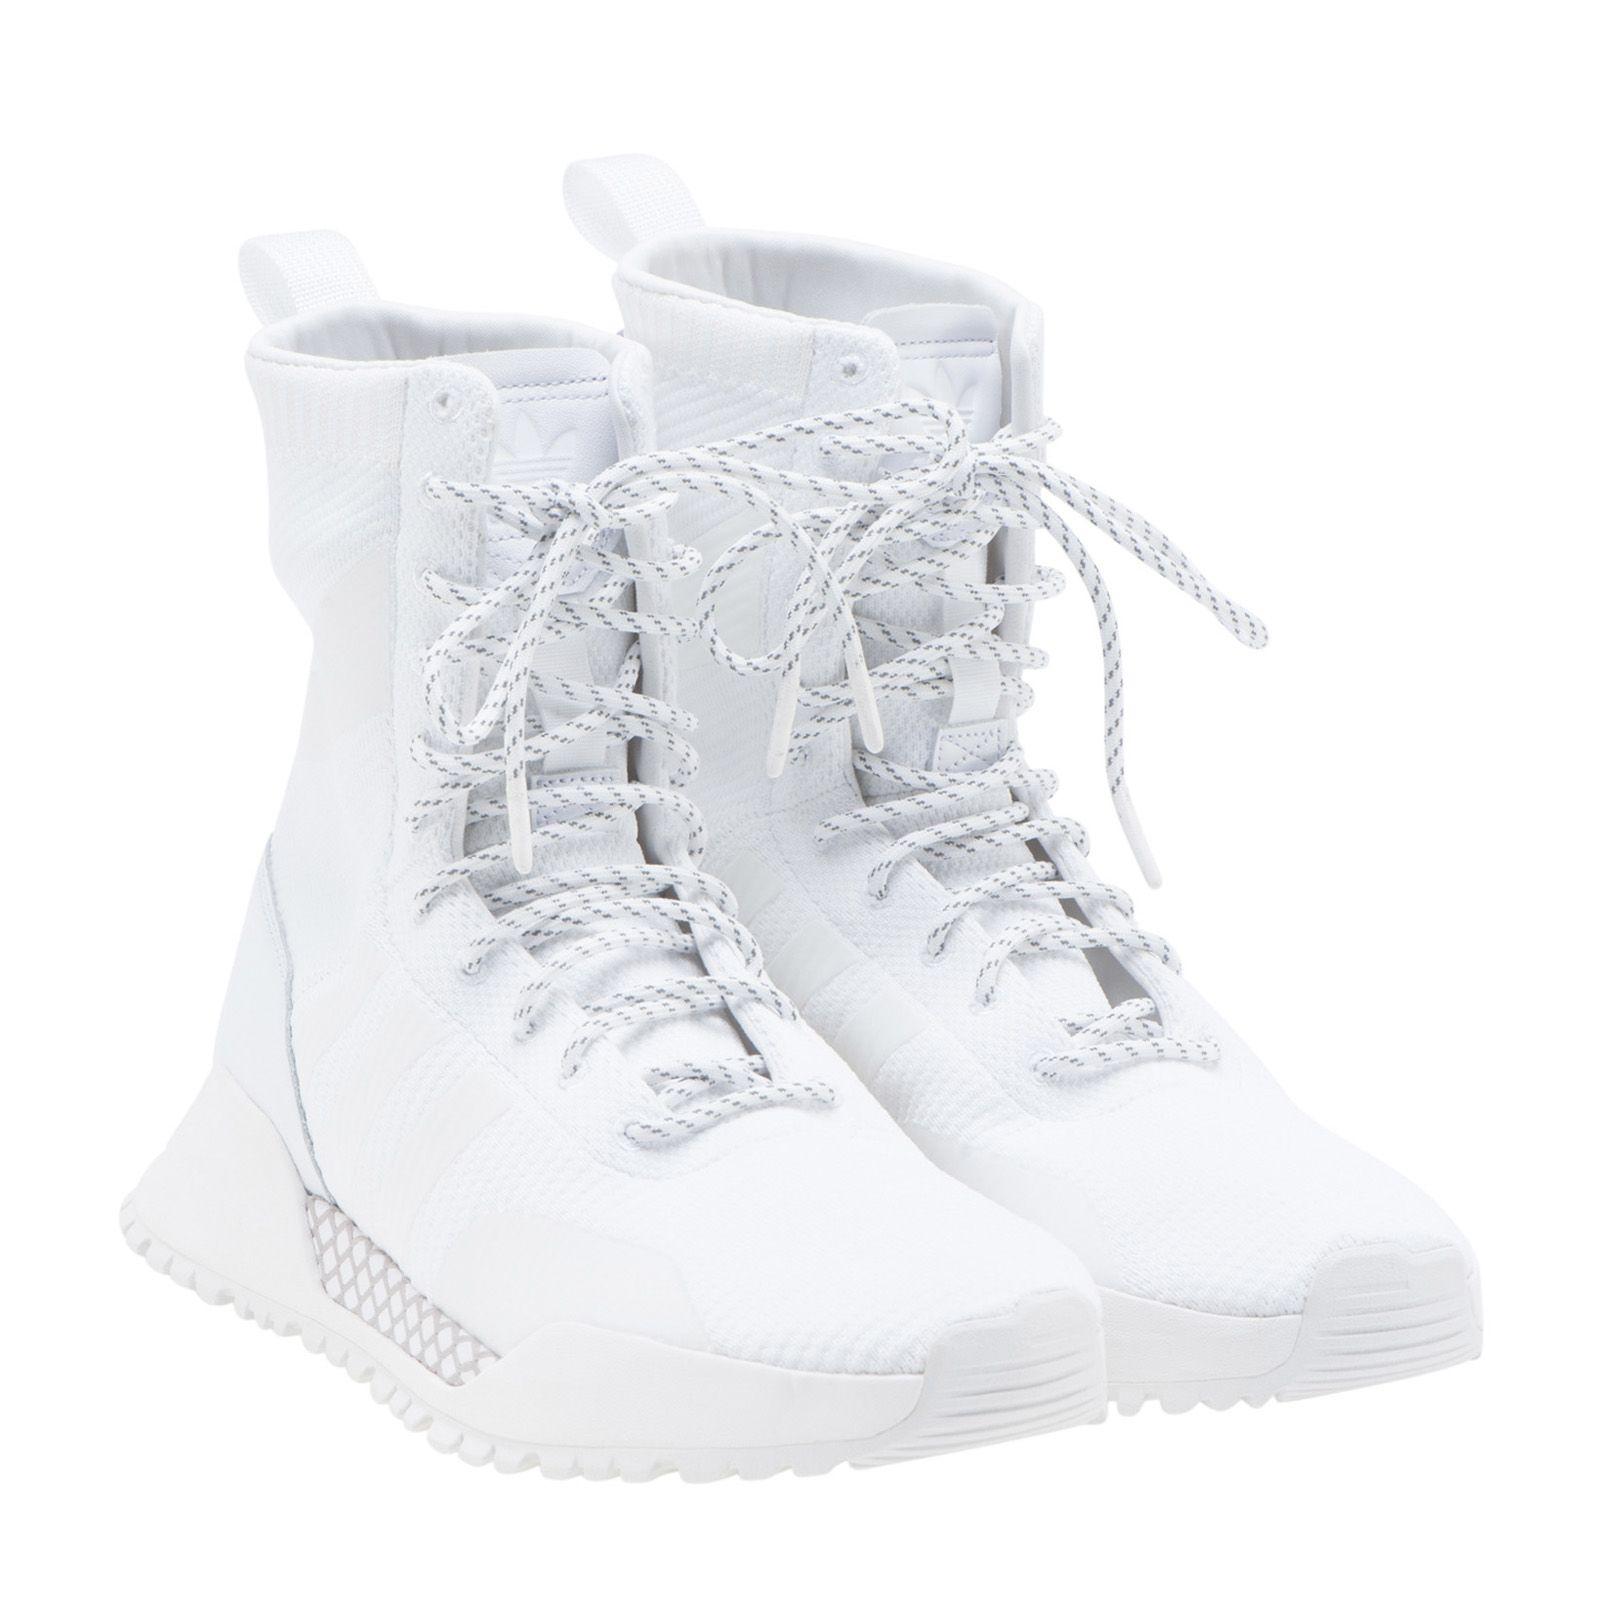 Adidas Af 1.3 Primeknit Sneaker Boots